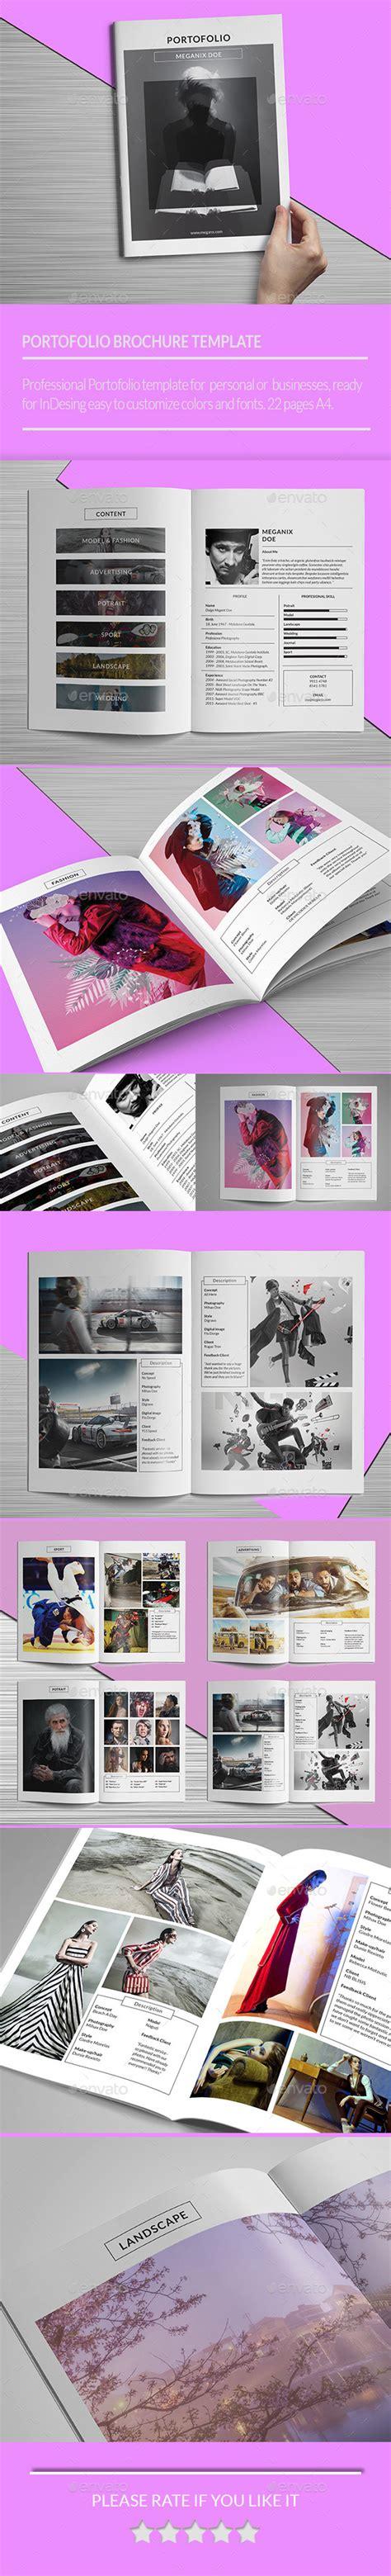 contoh layout majalah sekolah contoh portofolio model majalah 187 tinkytyler org stock